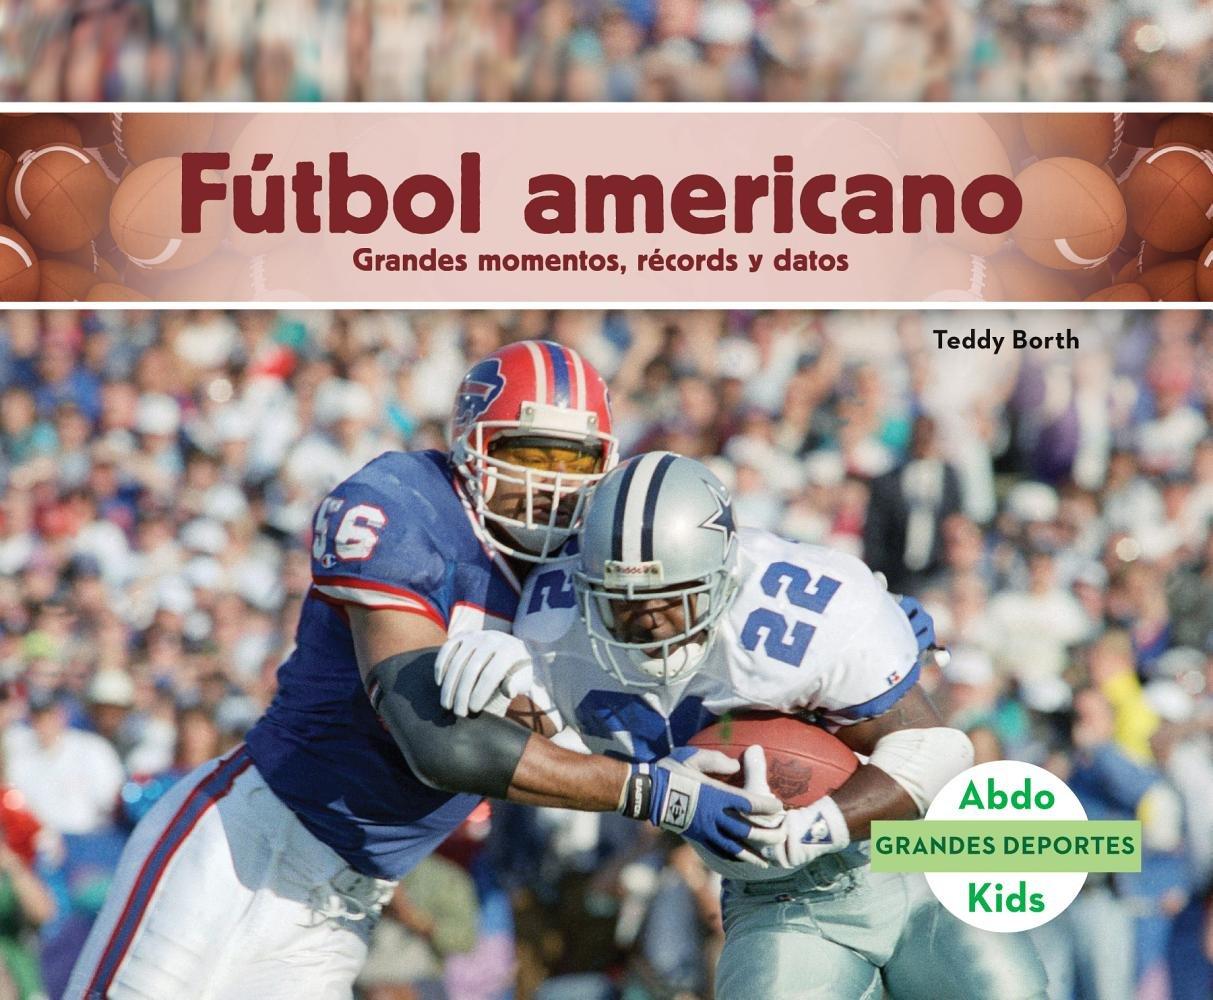 Futbol Americano: Grandes Momentos, Records y Datos Football: Great Moments, Records, and Facts Grandes Deportes / Great Sports: Amazon.es: Teddy Borth: ...